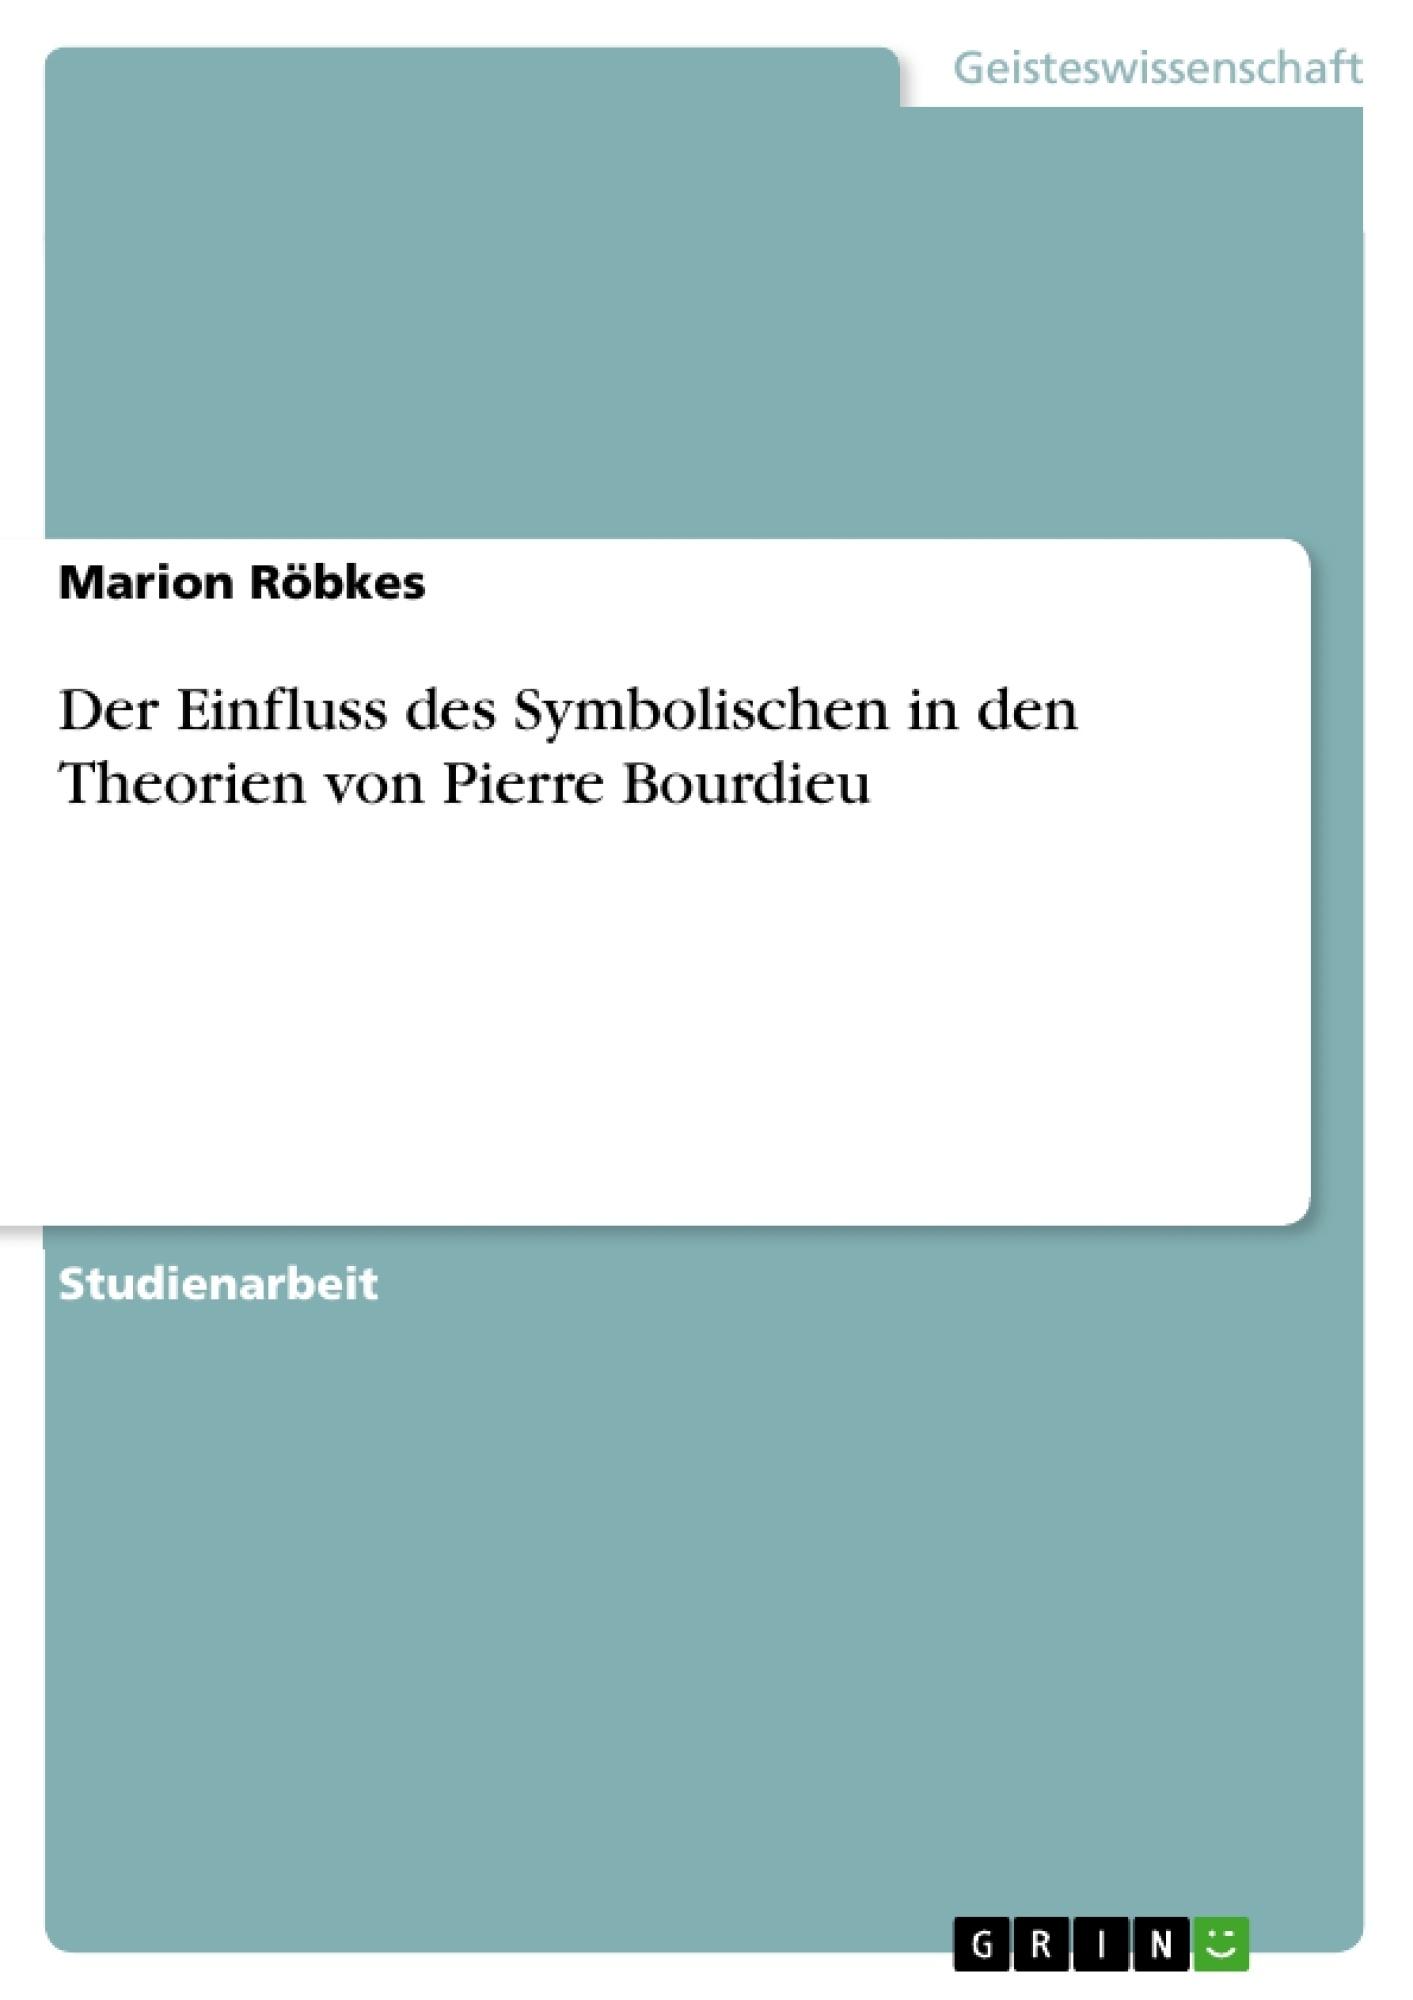 Titel: Der Einfluss des Symbolischen in den Theorien von Pierre Bourdieu